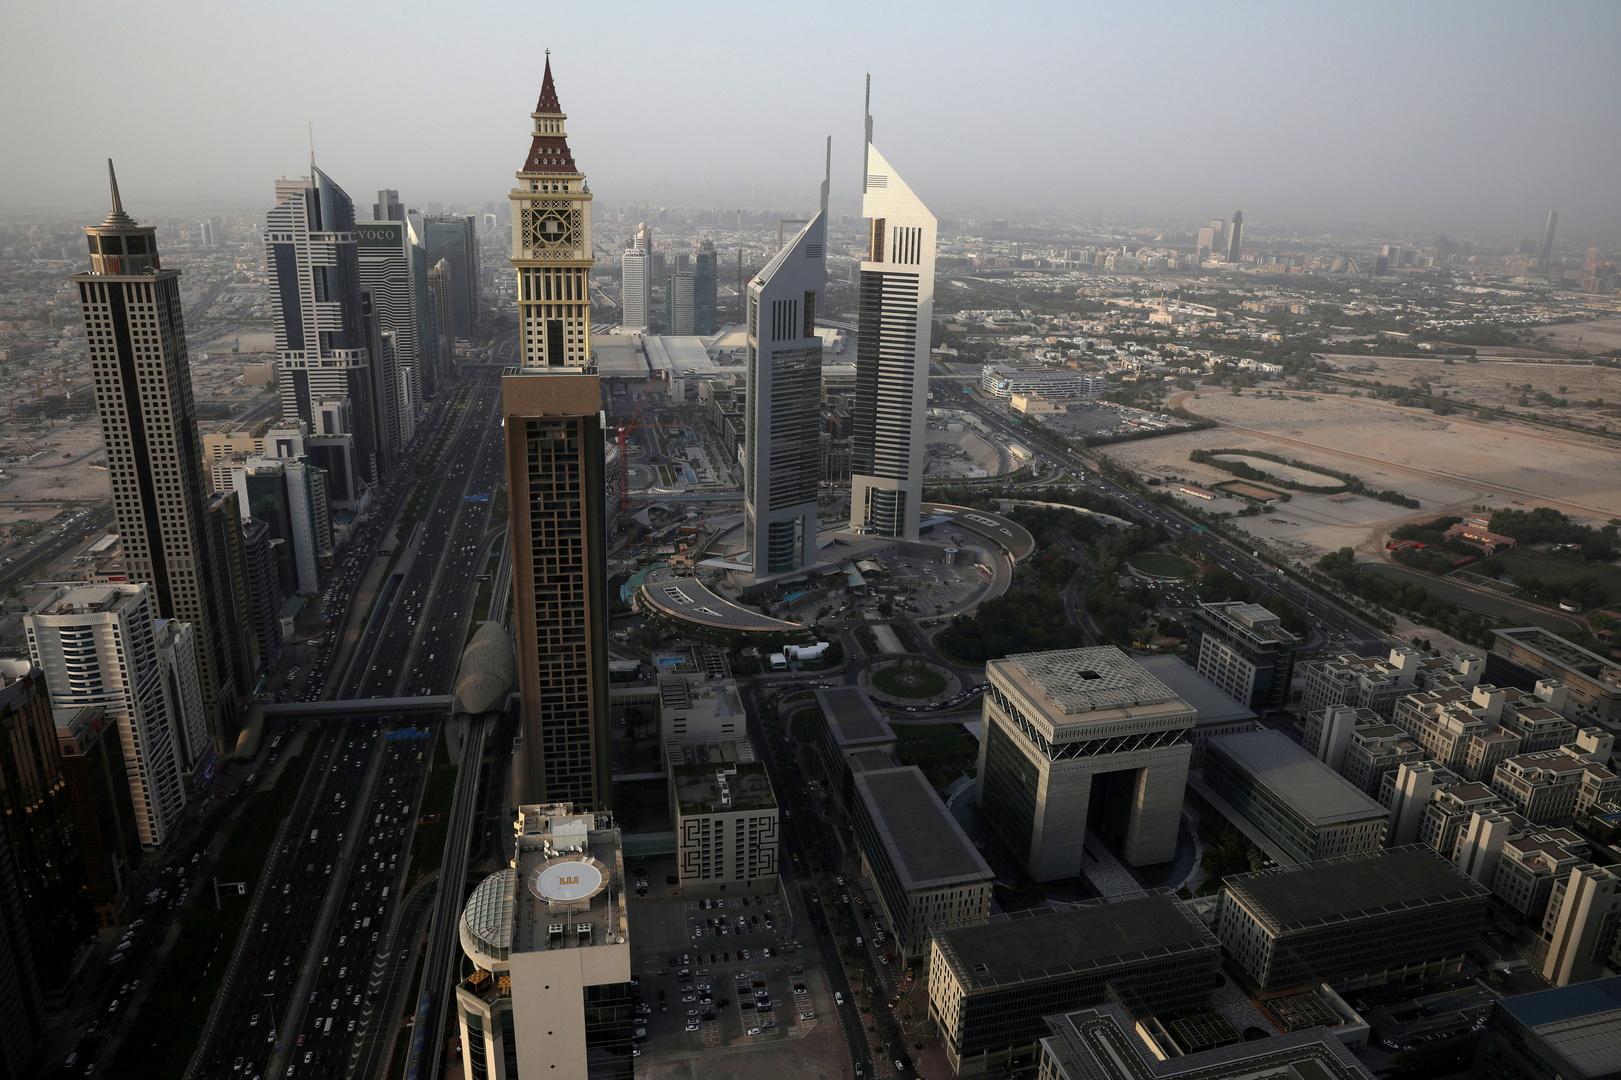 تقرير: المبيعات العقارية في دبي تسجل أعلى قيمة منذ 5 سنوت بالرغم من كورونا